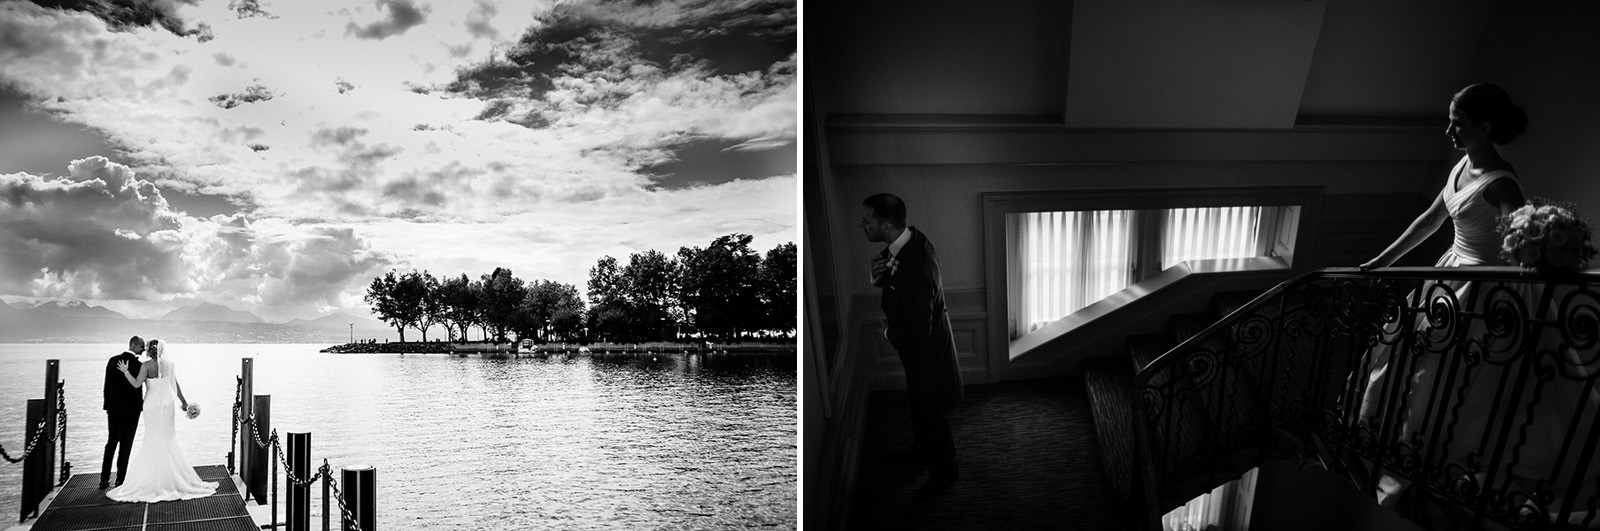 des photos de reportage naturelles, du mariage autrement